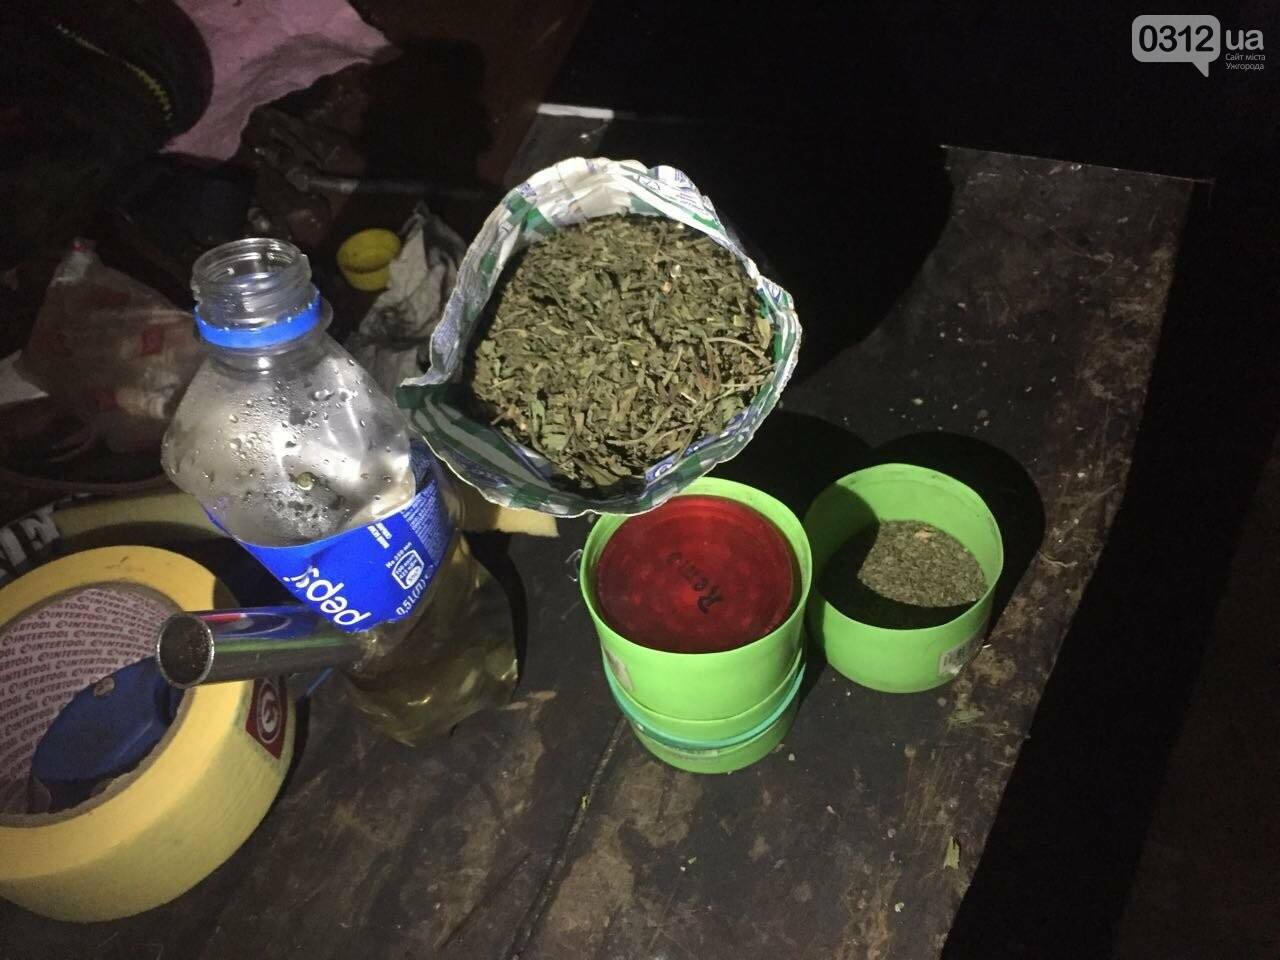 СБУ затримала організовану групу дилерів, які продавали наркотики в Ужгороді і Перечині: фото, фото-3